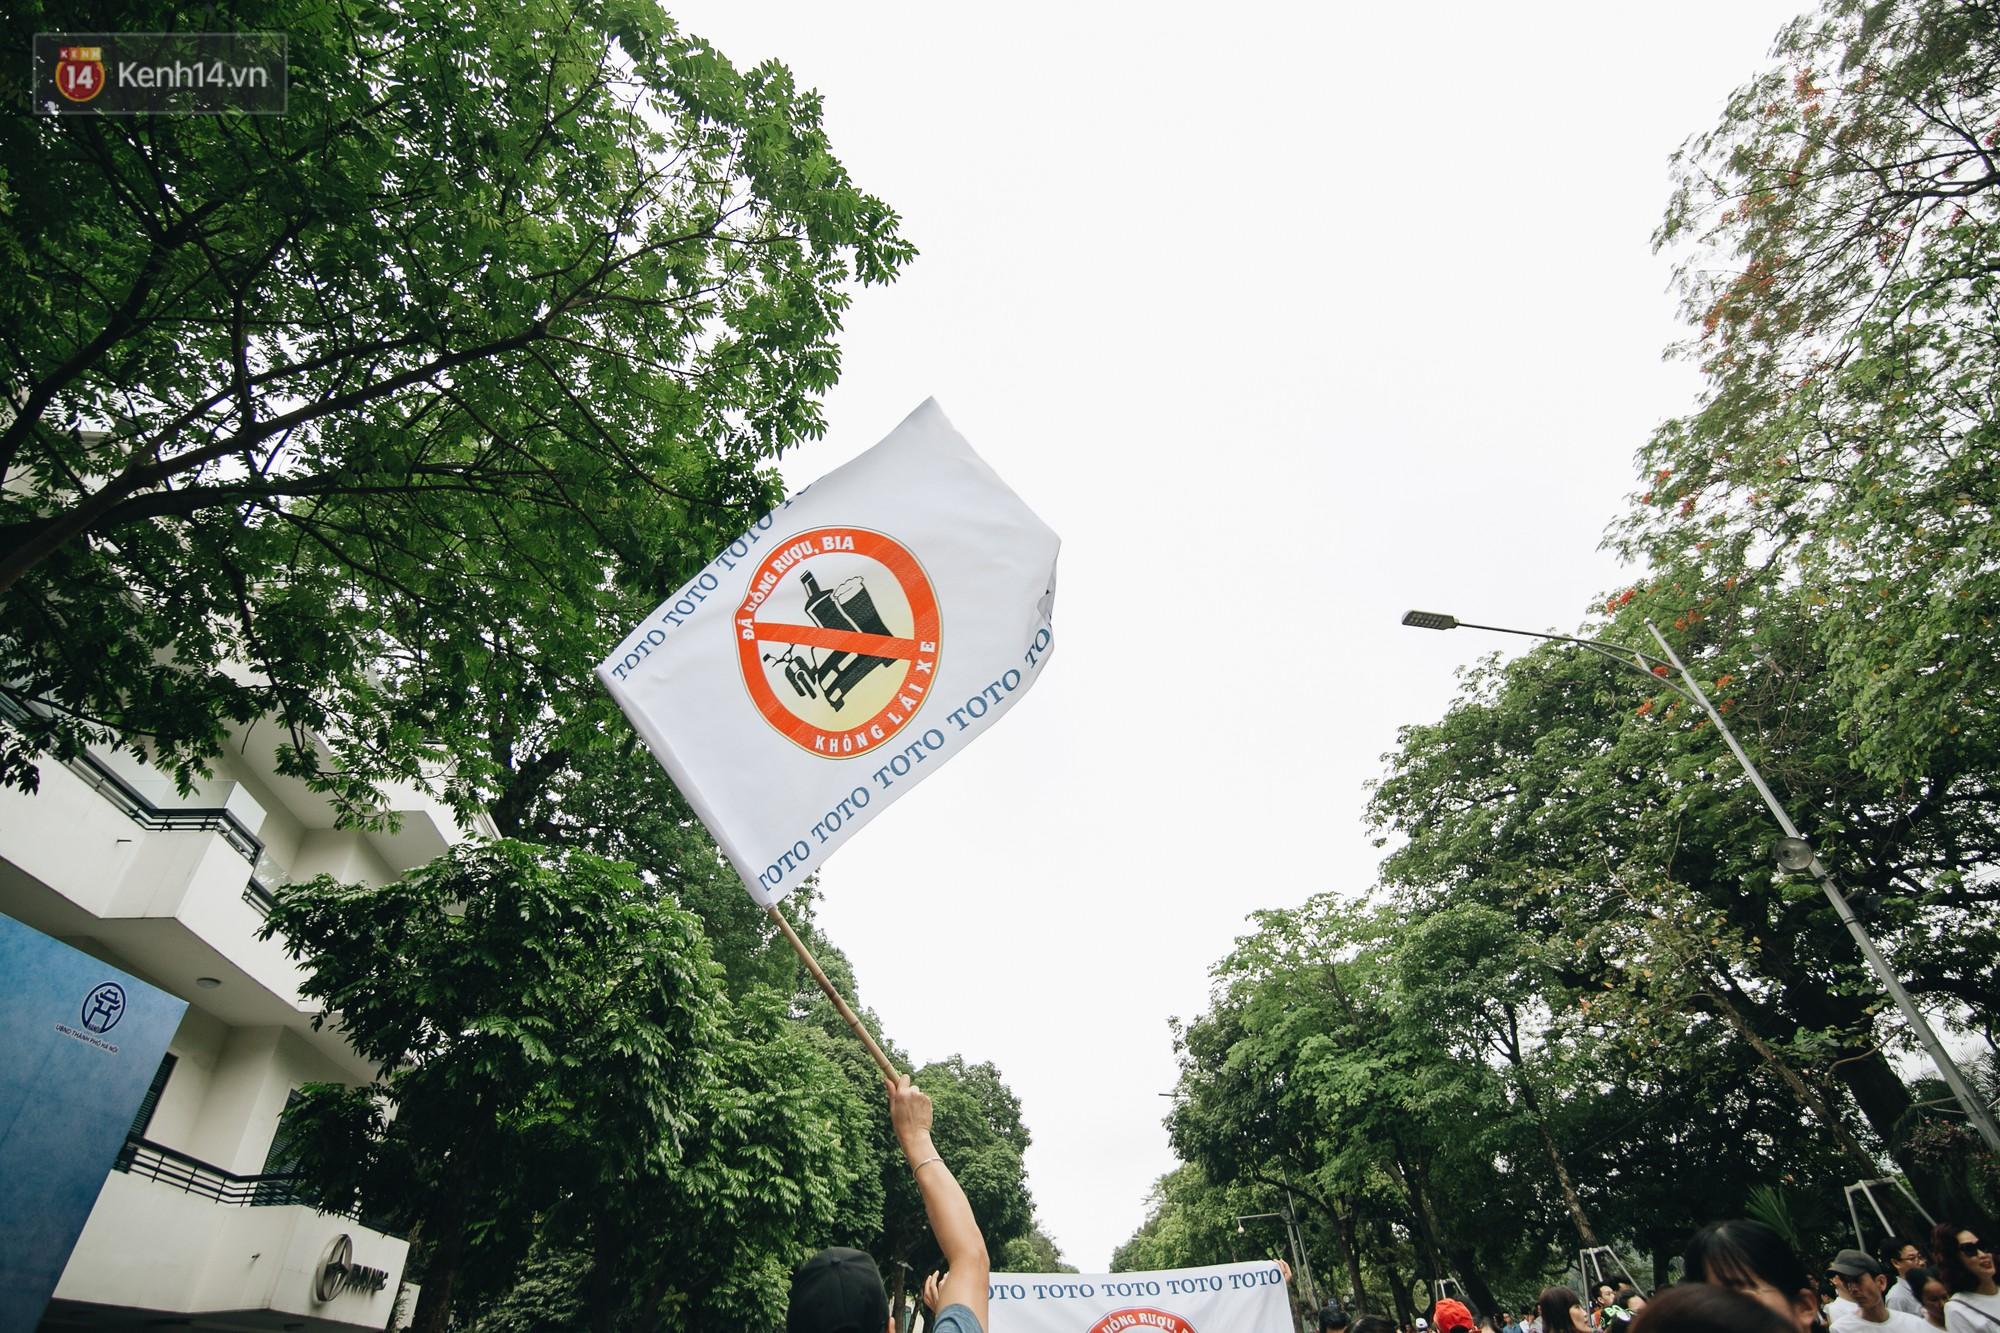 Chùm ảnh: 8.000 người mang logo 'Đã uống rượu bia - Không lái xe' cùng tuần hành trên phố đi bộ Hồ Gươm - 15